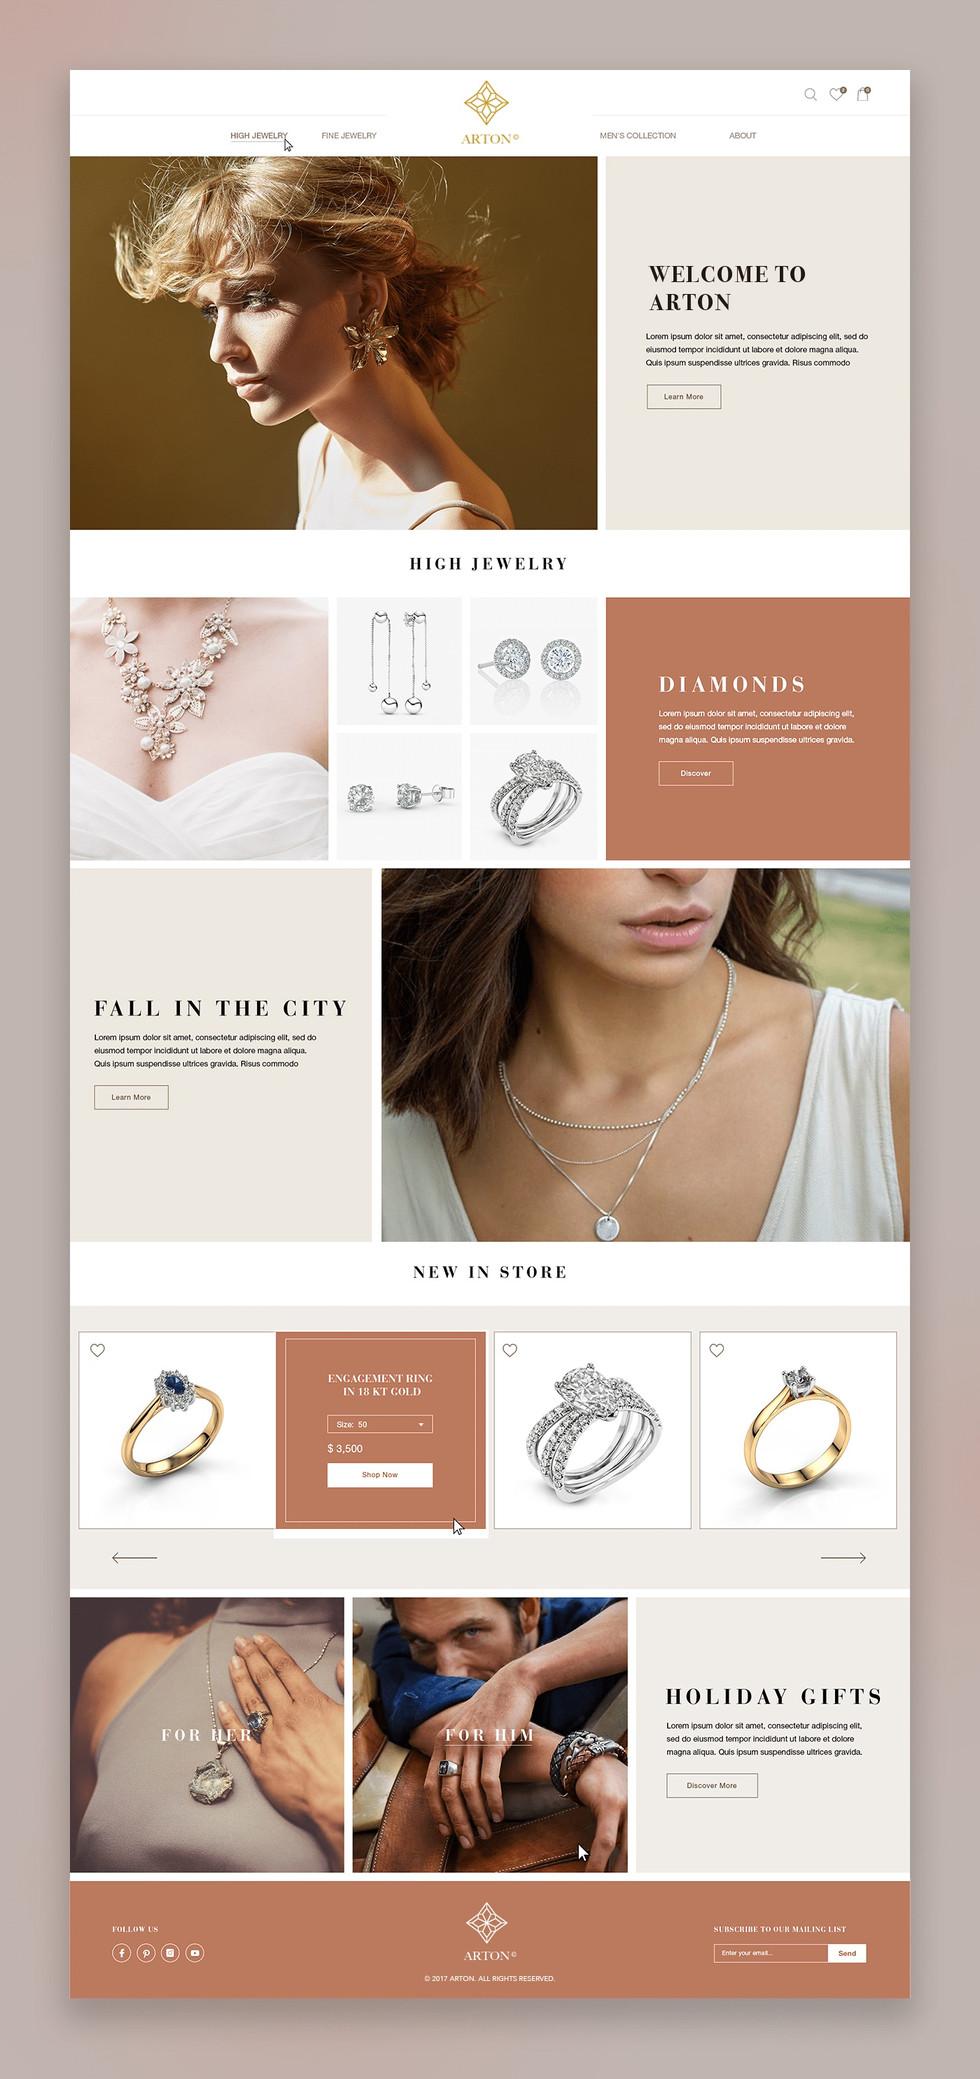 Arton Jewelry Branding2.jpg